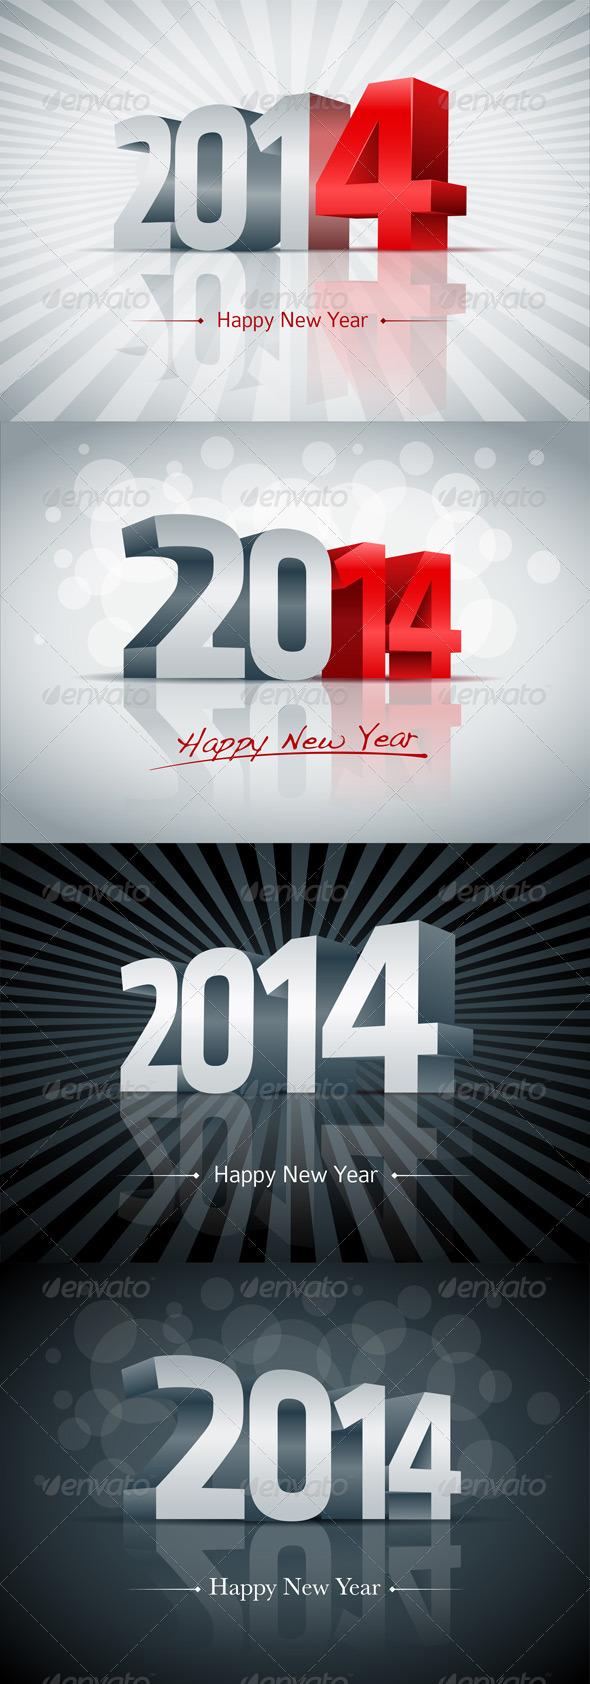 Year 2014 Greeting Card Set - New Year Seasons/Holidays